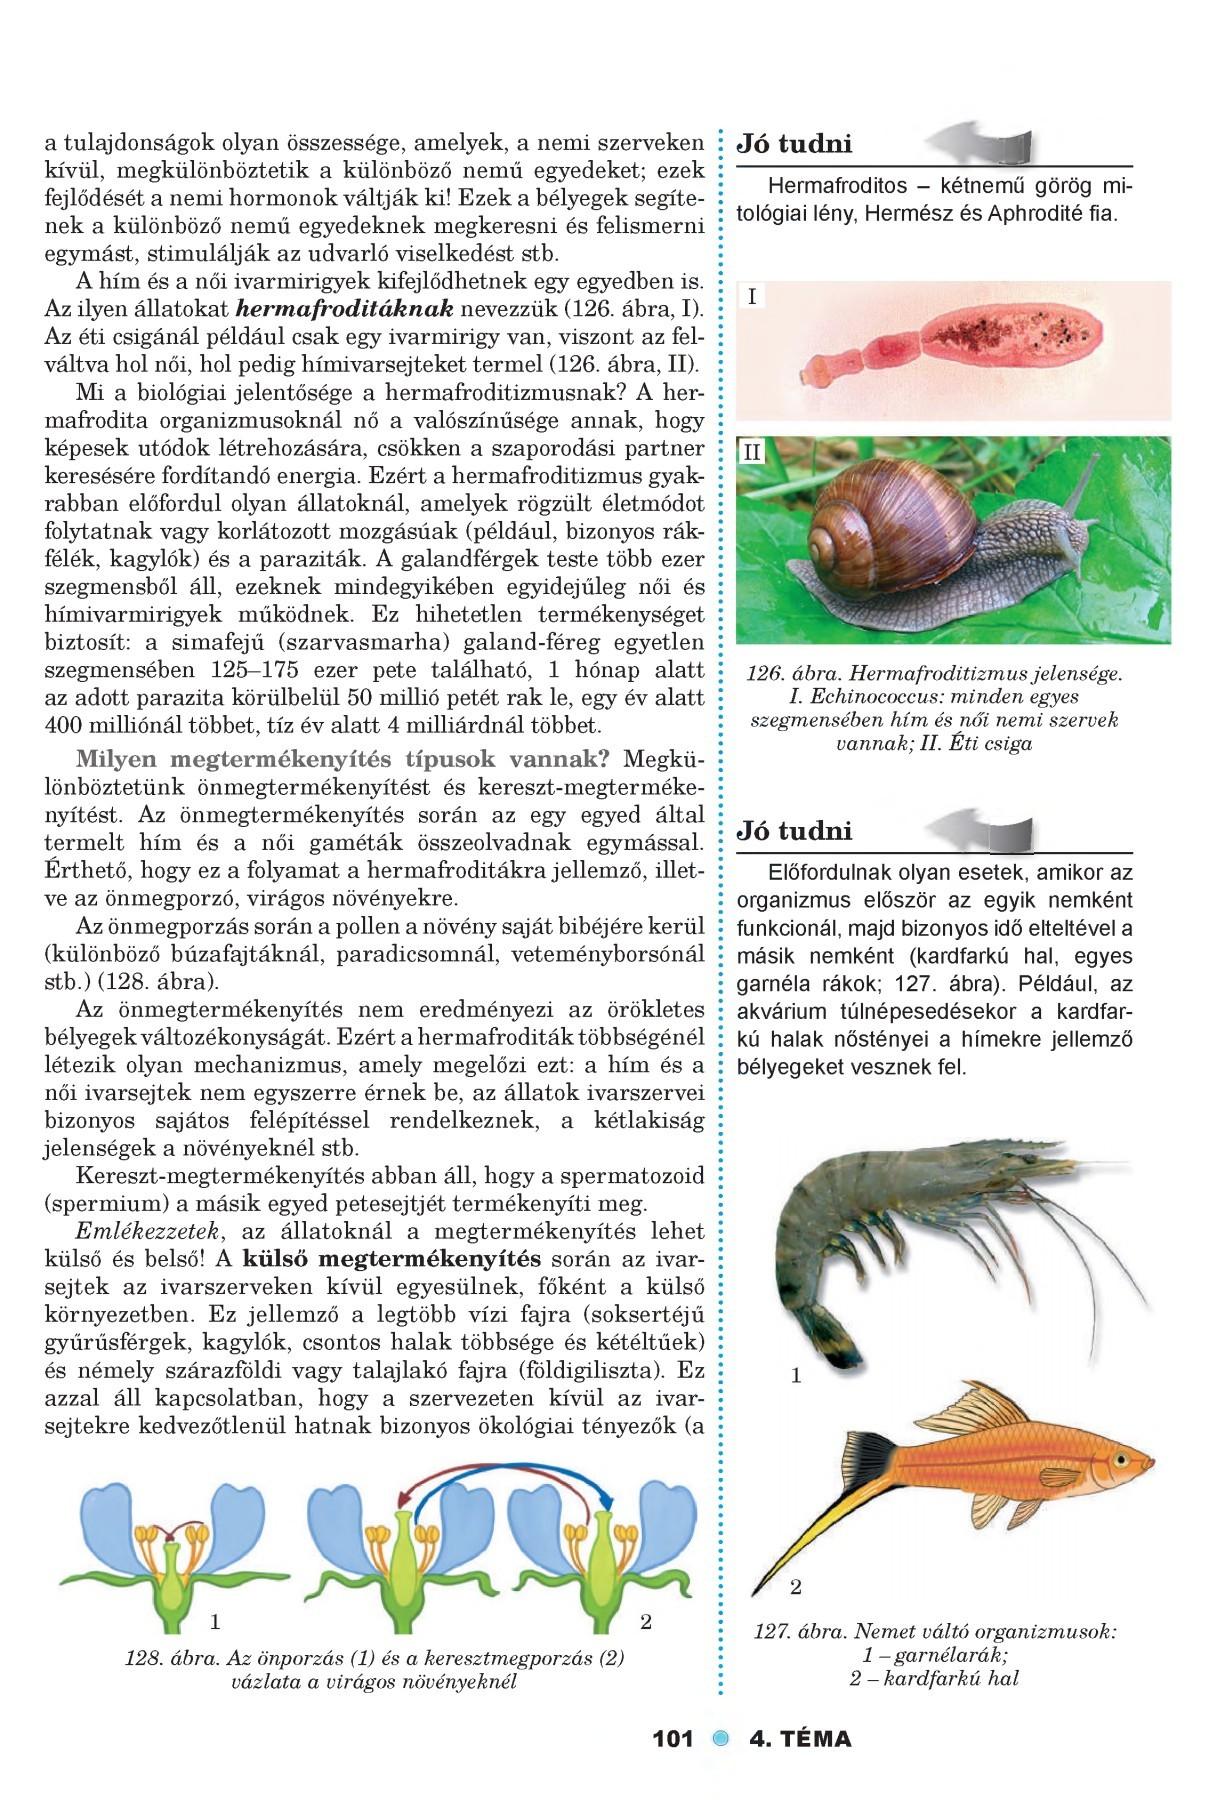 szimbiózis parazita és